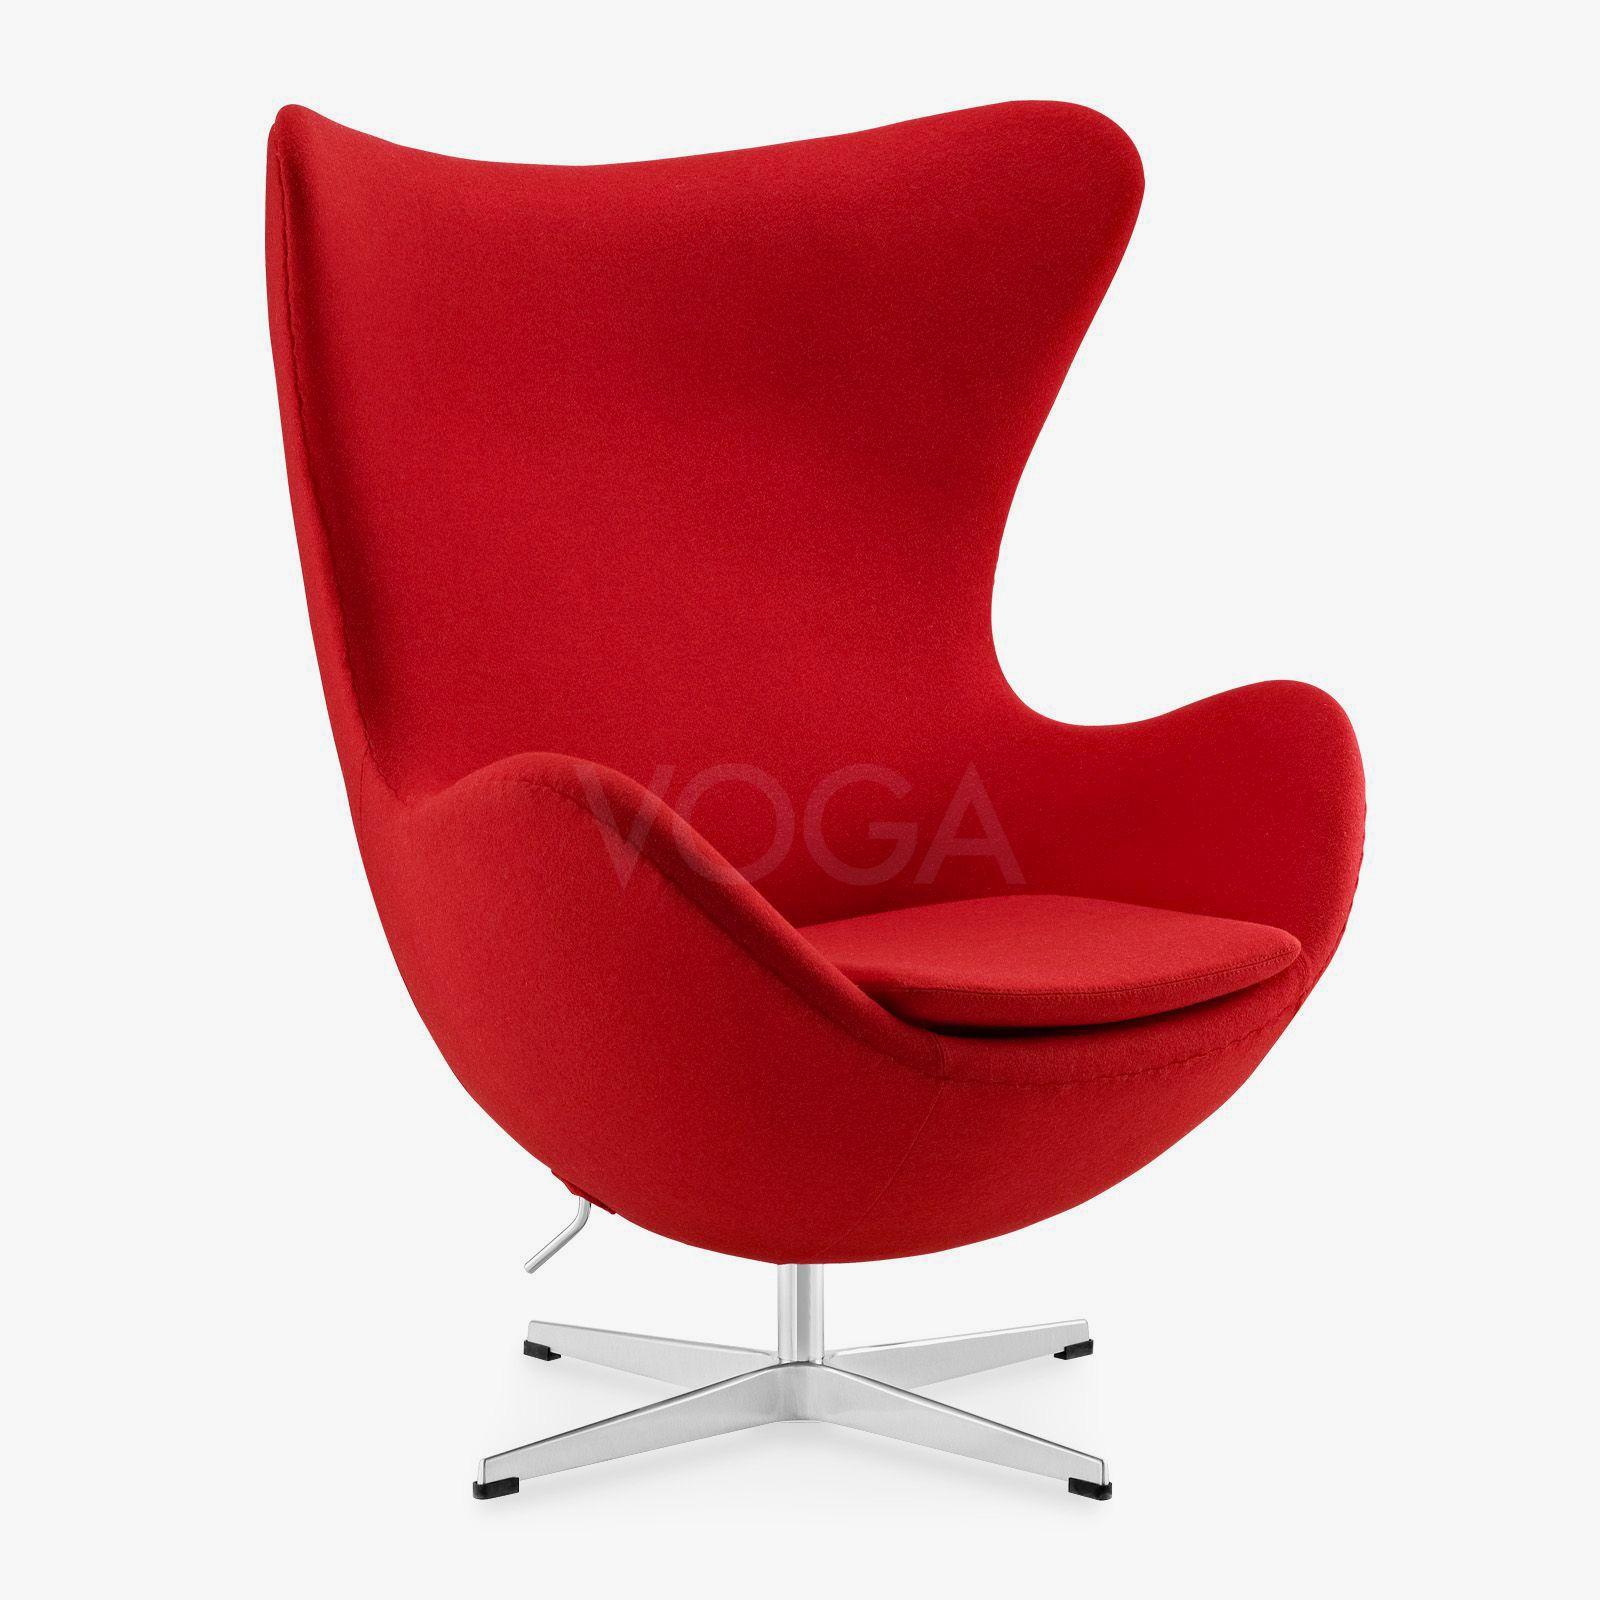 Domini Design Stoelen.Egg Chair Stoel Jacobsen Design Stoelen Voga I Want